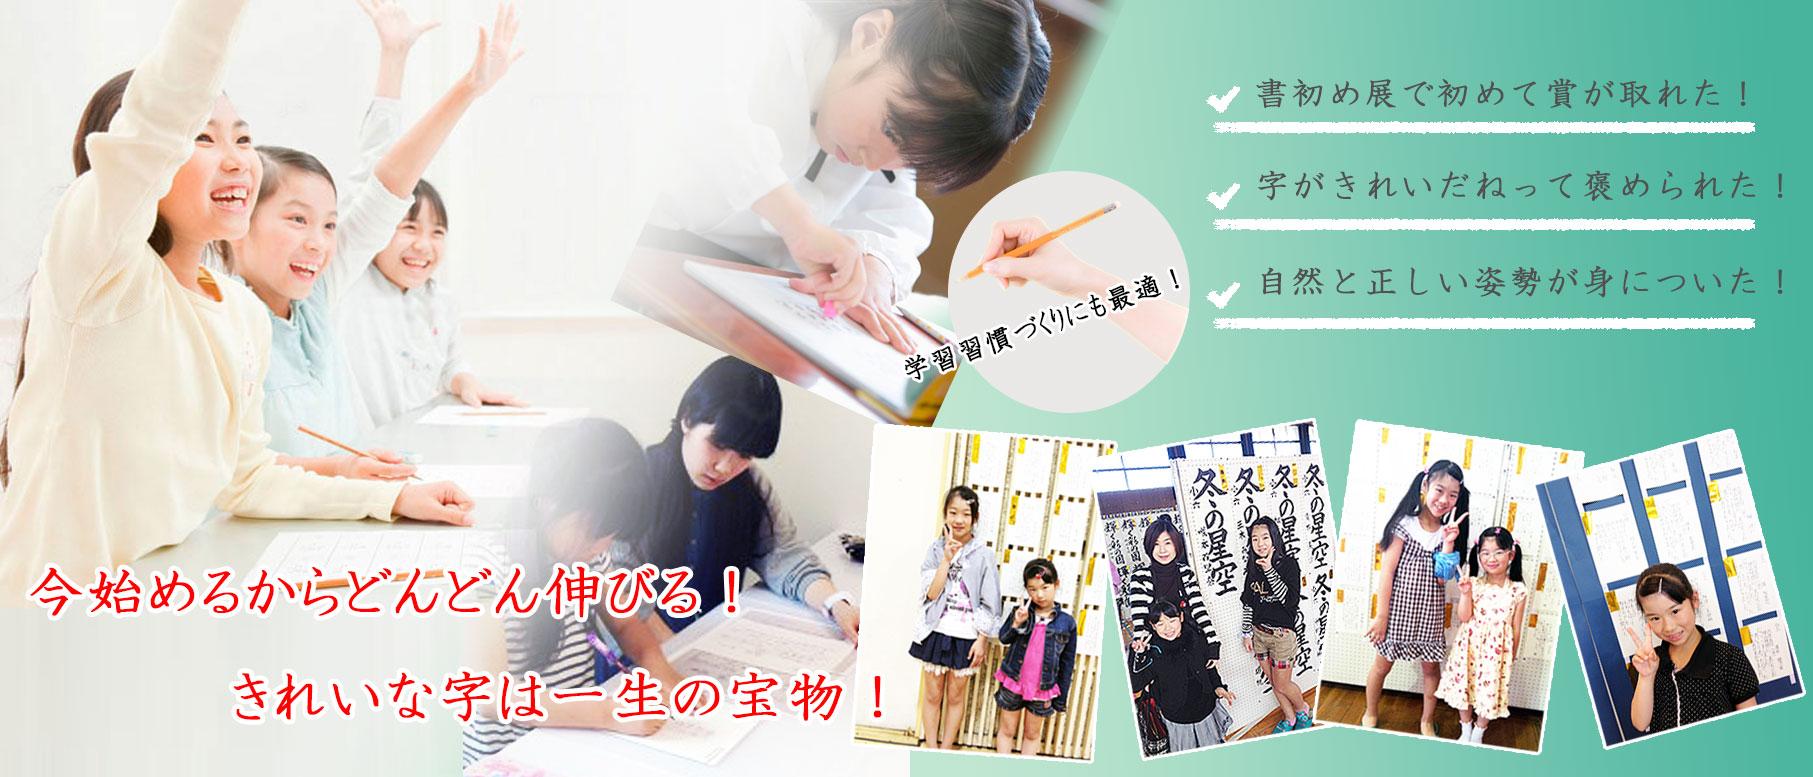 春日部市のマンツーマン書道・習字教室「えんぴつスクール」